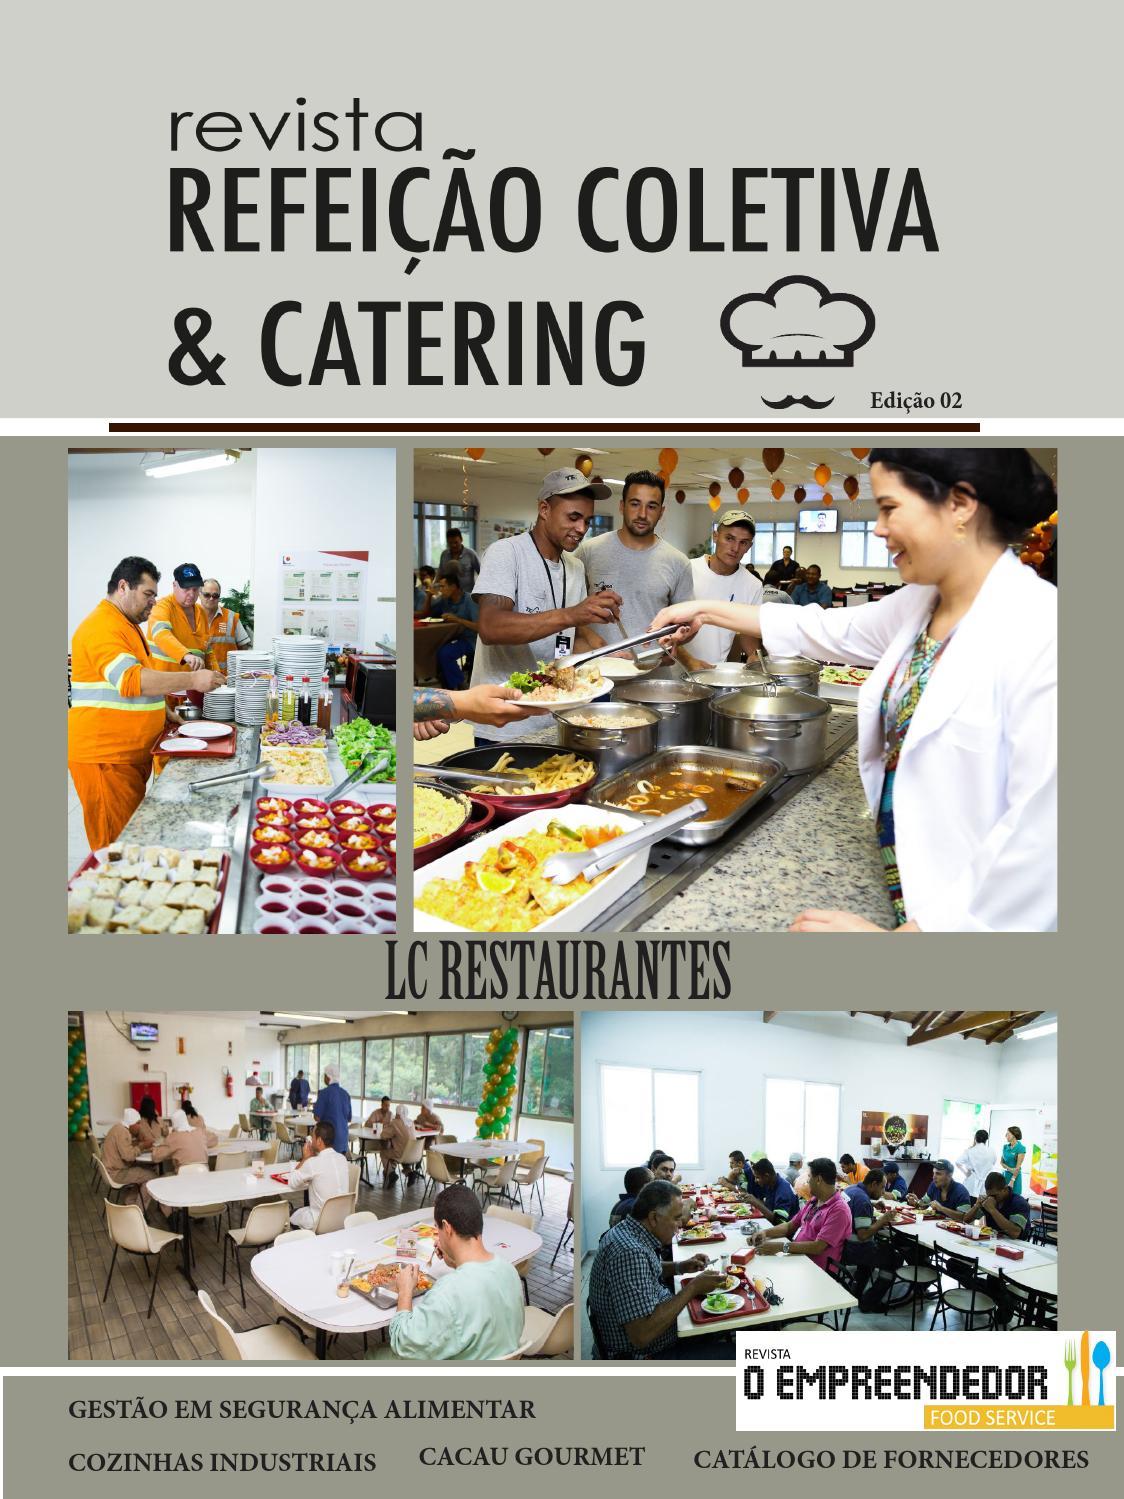 Revista Refei Es Coletivas Catering Ed 02 By Max Foods